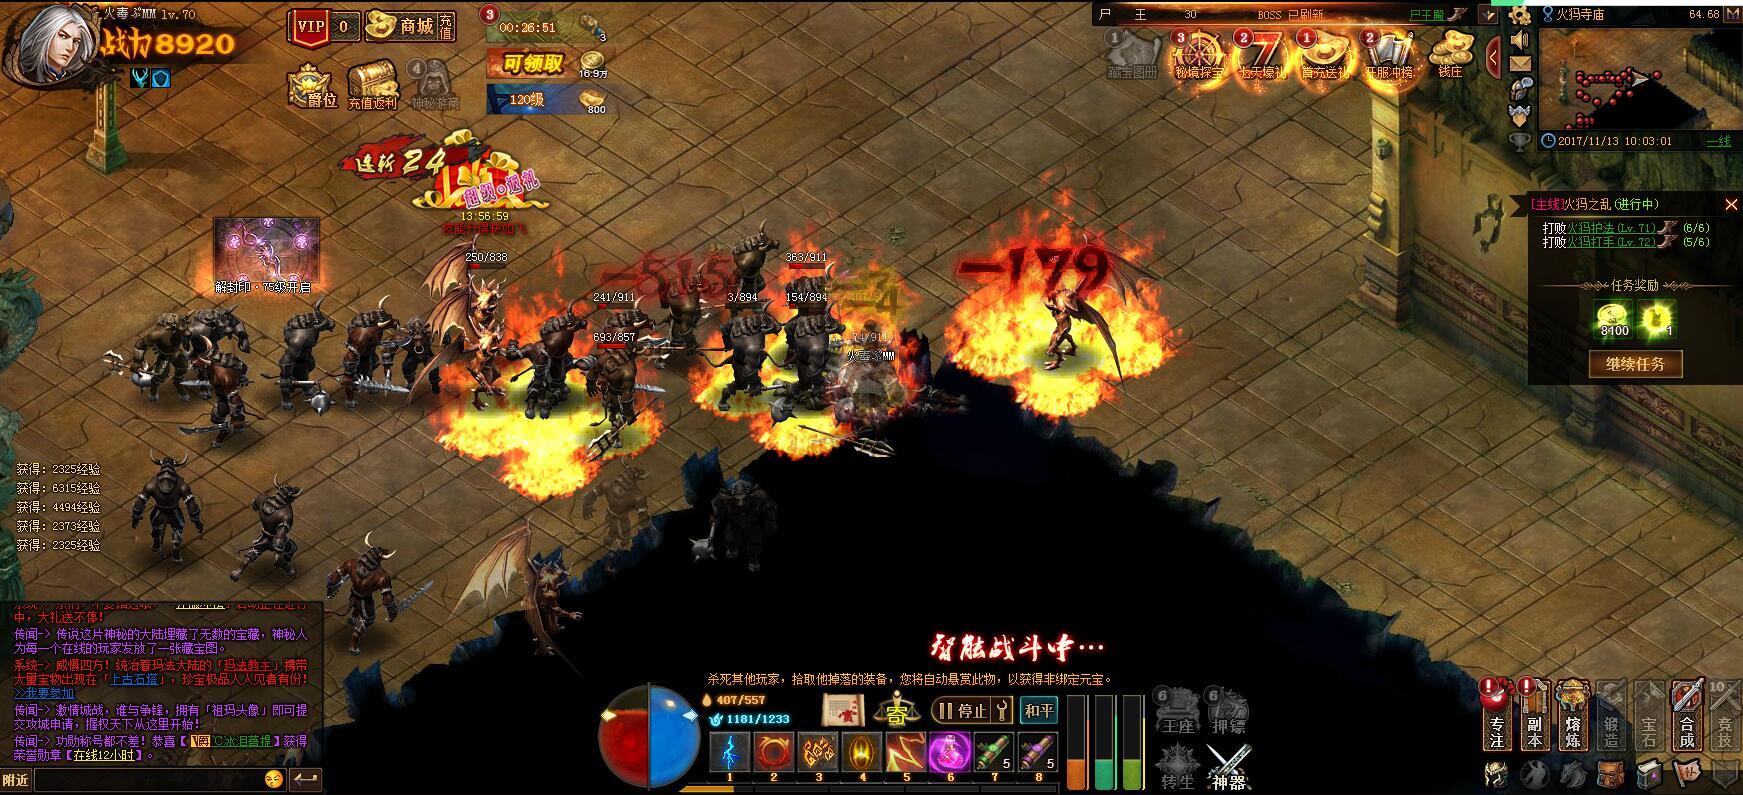 龙魂之怒游戏截图3